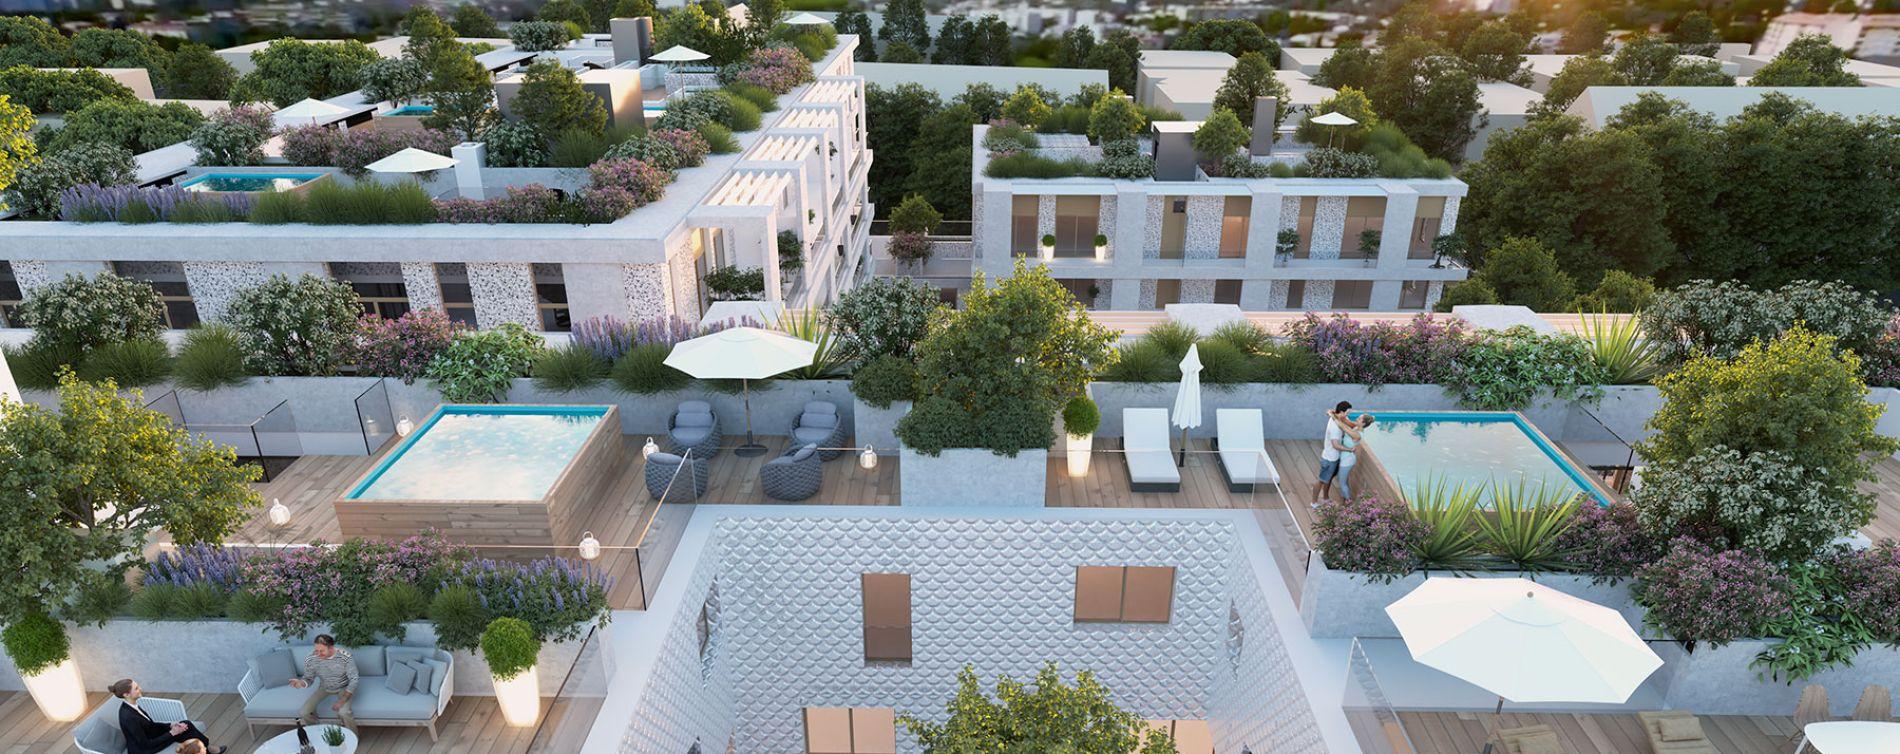 Résidence Faubourg 56 à Montpellier